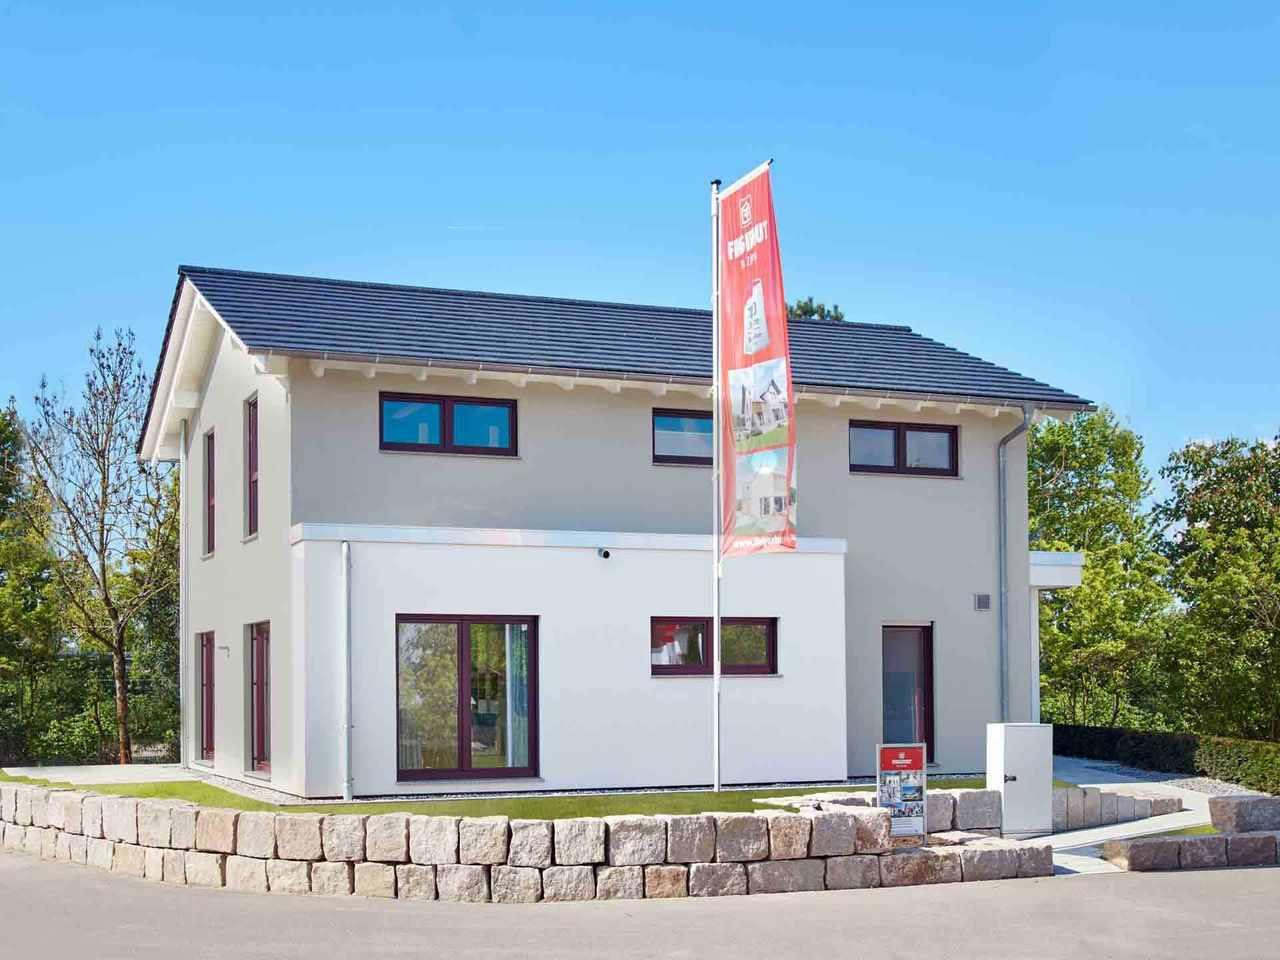 Musterhaus Mannheim R 111.20 - Fingerhut Haus Garten